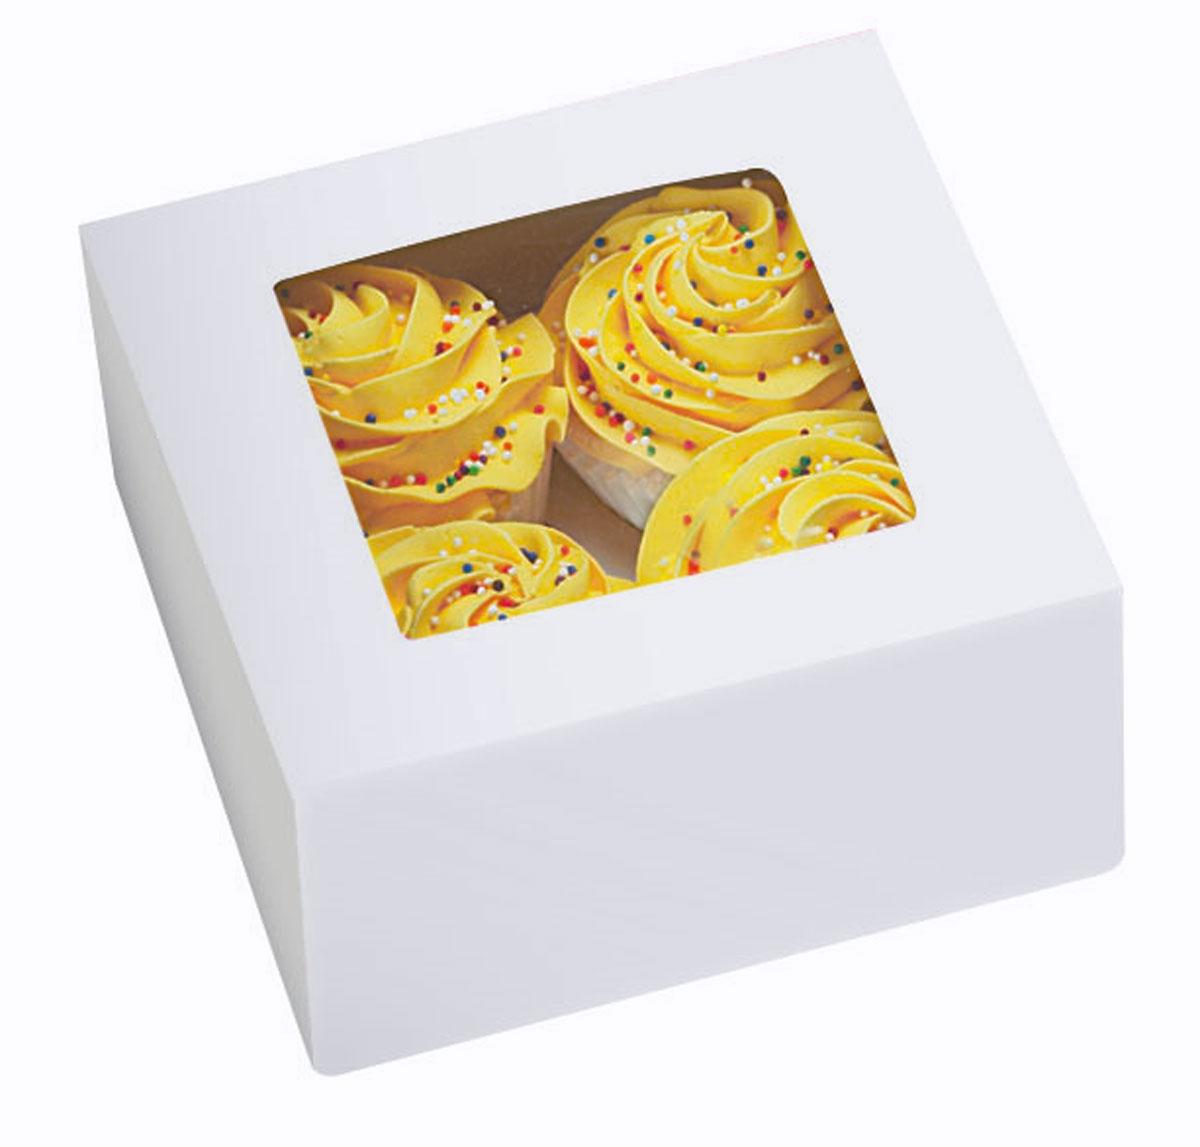 Набор подарочных коробок Wilton Зима, с окошком, 15,8 х 15,8 х 7,6 см, 3 штWLT-415-1215Набор Wilton Зима состоит из трех подарочных коробок, изготовленных из картона и предназначенных для упаковки кондитерских изделий. Изделия оснащены небольшим окошком, благодаря которому можно видеть содержимое коробок. Нам свойственно в первую очередь смотреть на обложку и только потом заглядывать внутрь. Вот почему так важно красиво упаковывать подарки. Оригинальная упаковка для кондитерских изделий - именно тот элемент, который сделает ваш презент особенным и запоминающимся, даря настроение праздника! Размер коробки: 15,8 см х 15,8 см х 7,6 см.